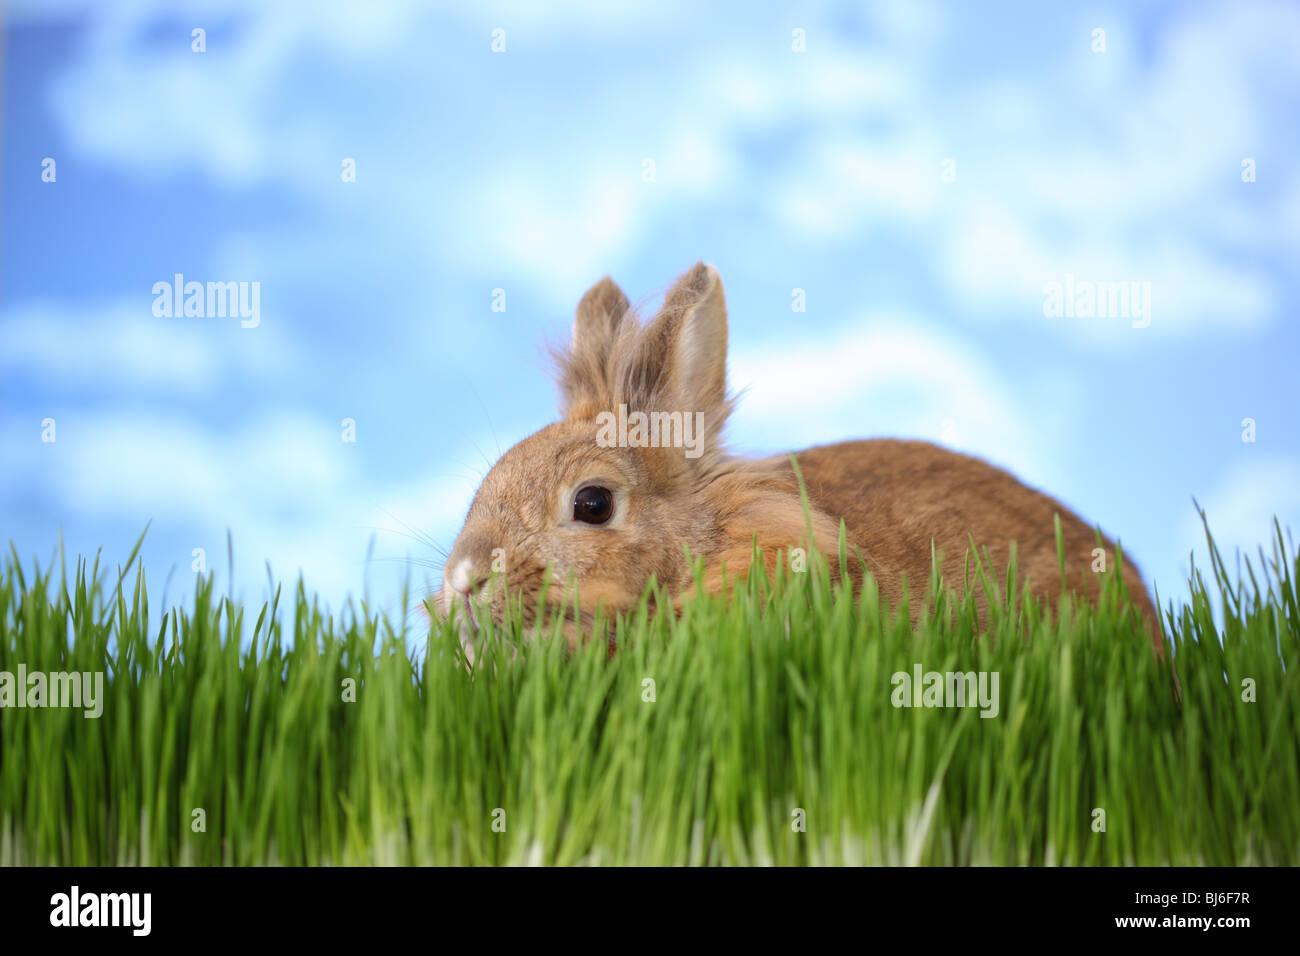 Conejo en el pasto Imagen De Stock